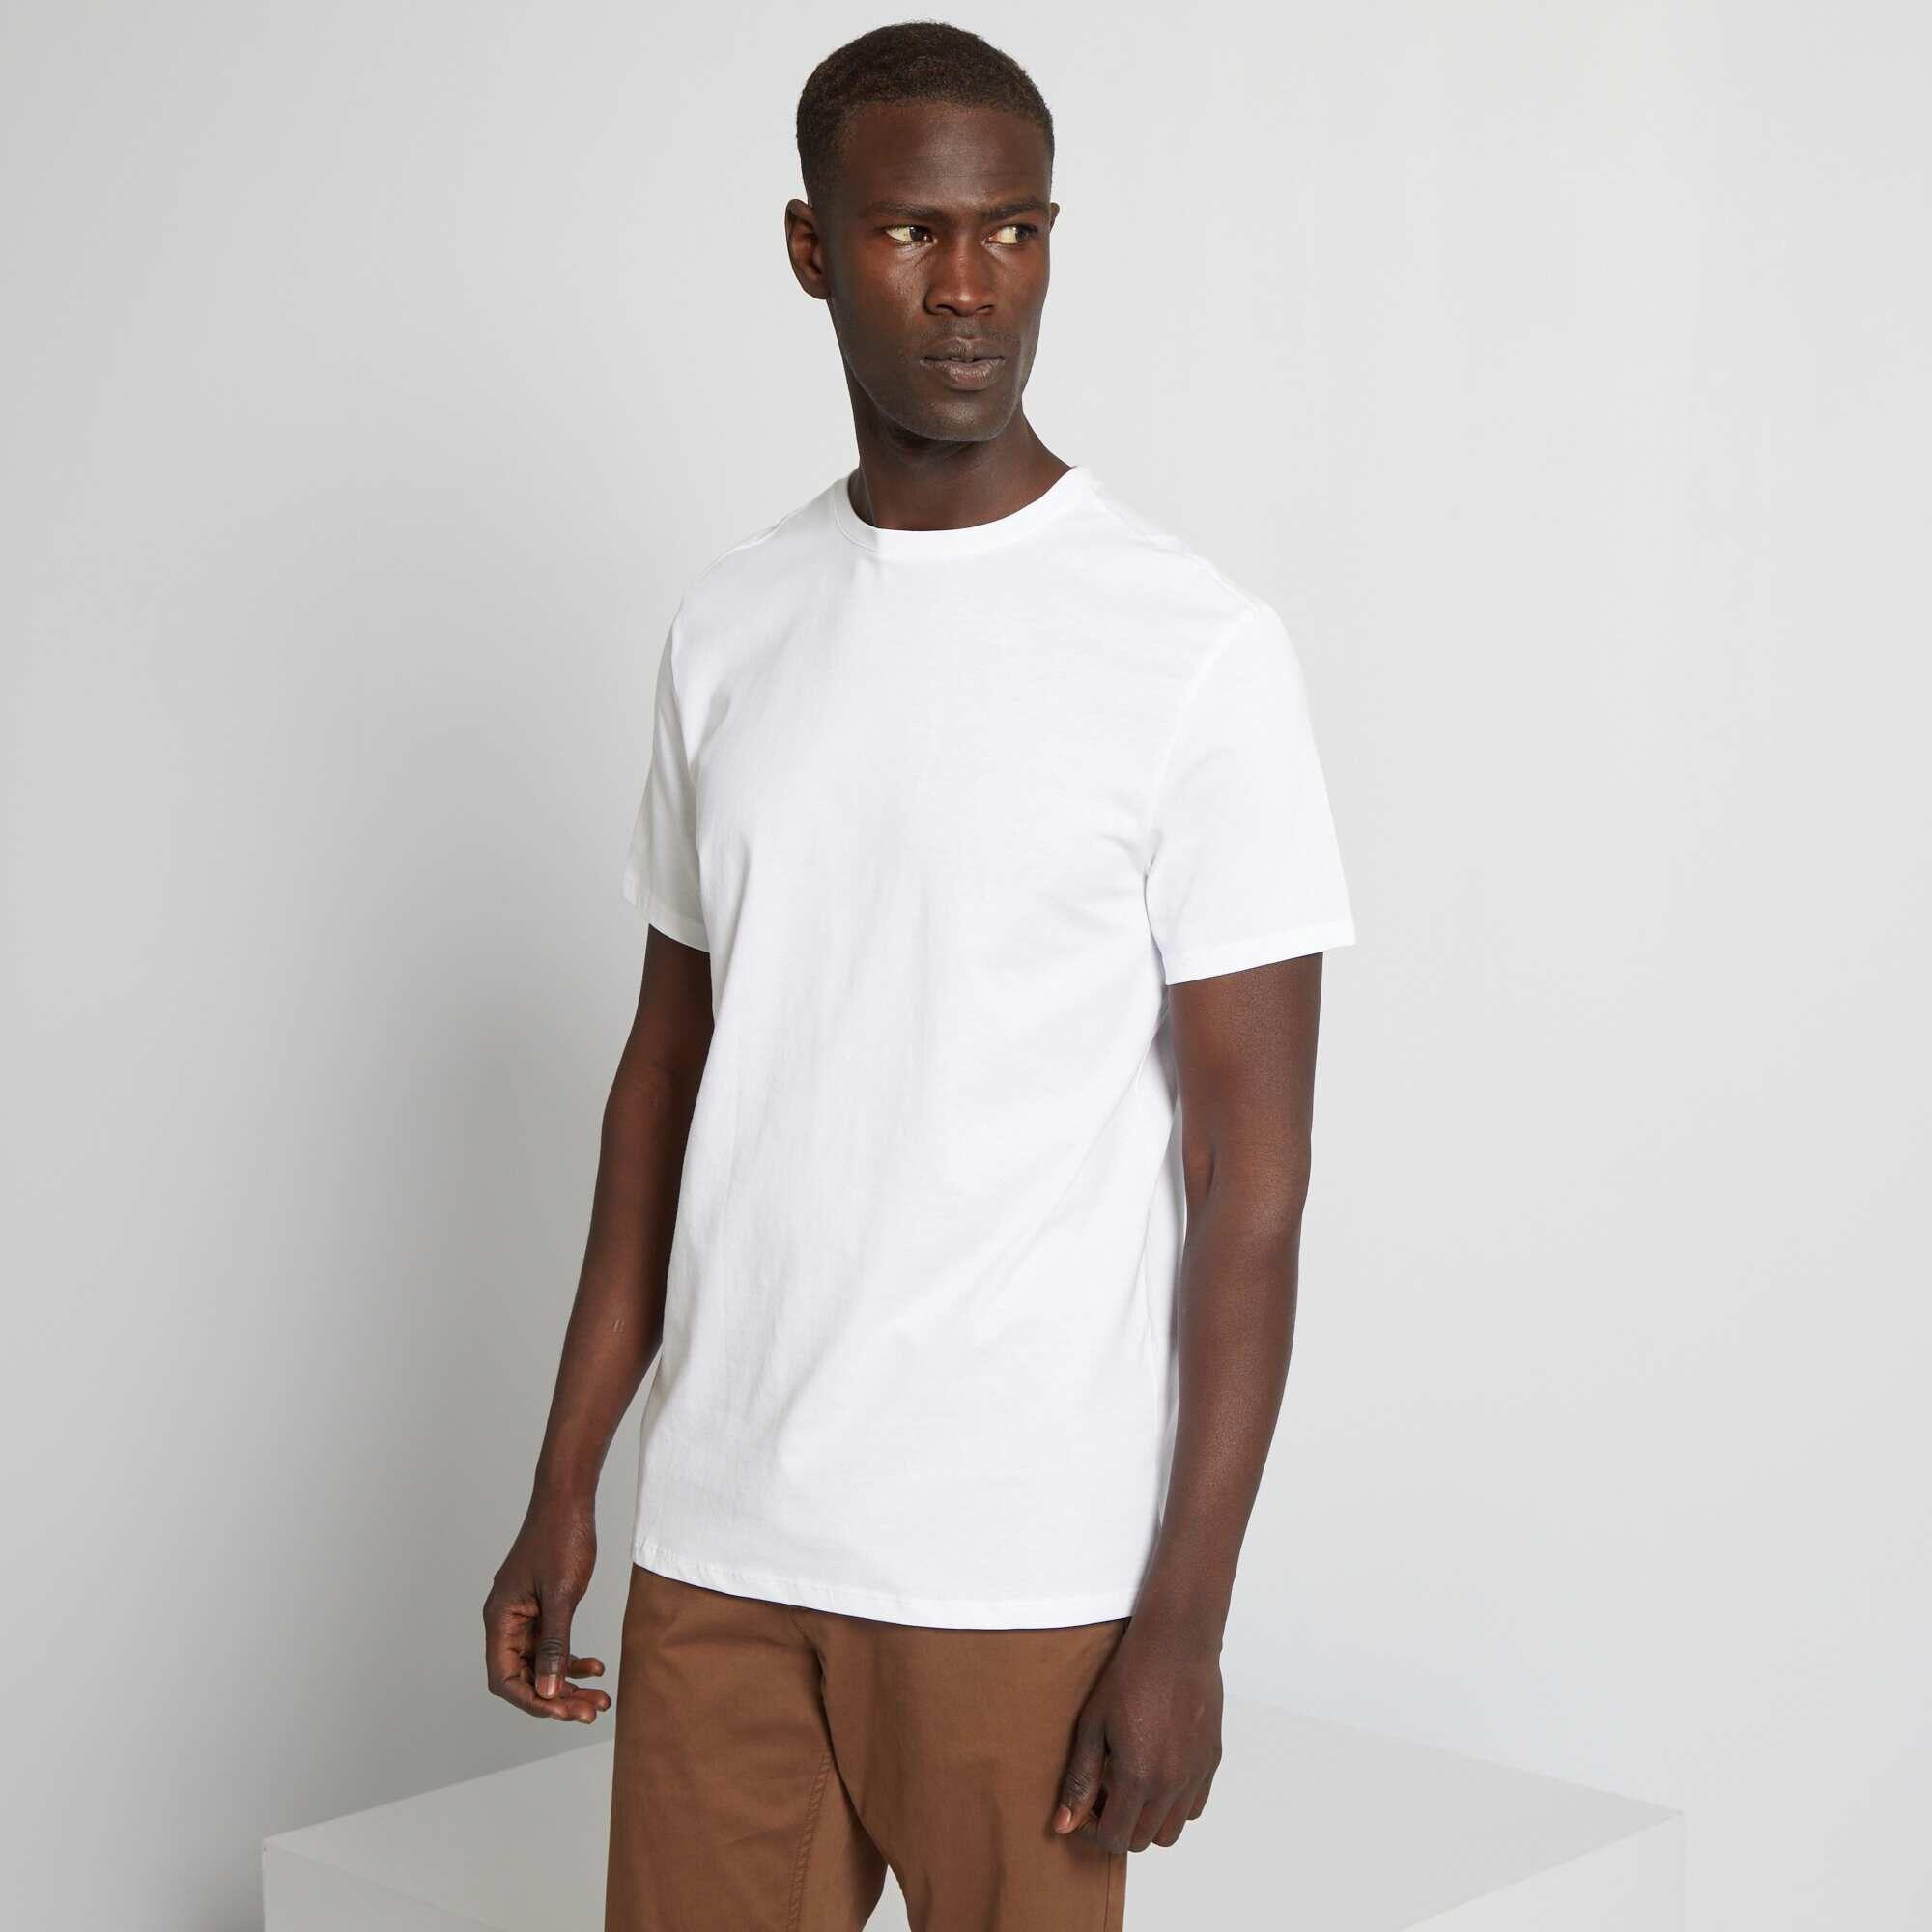 Couleur : blanc, noir, bleu marine,bleu indigo,vert canard - Taille : XL, M, L,XXL,SUn classique à un prix si petit qu'il donne envie de les collectionner ! - Tee-shirt